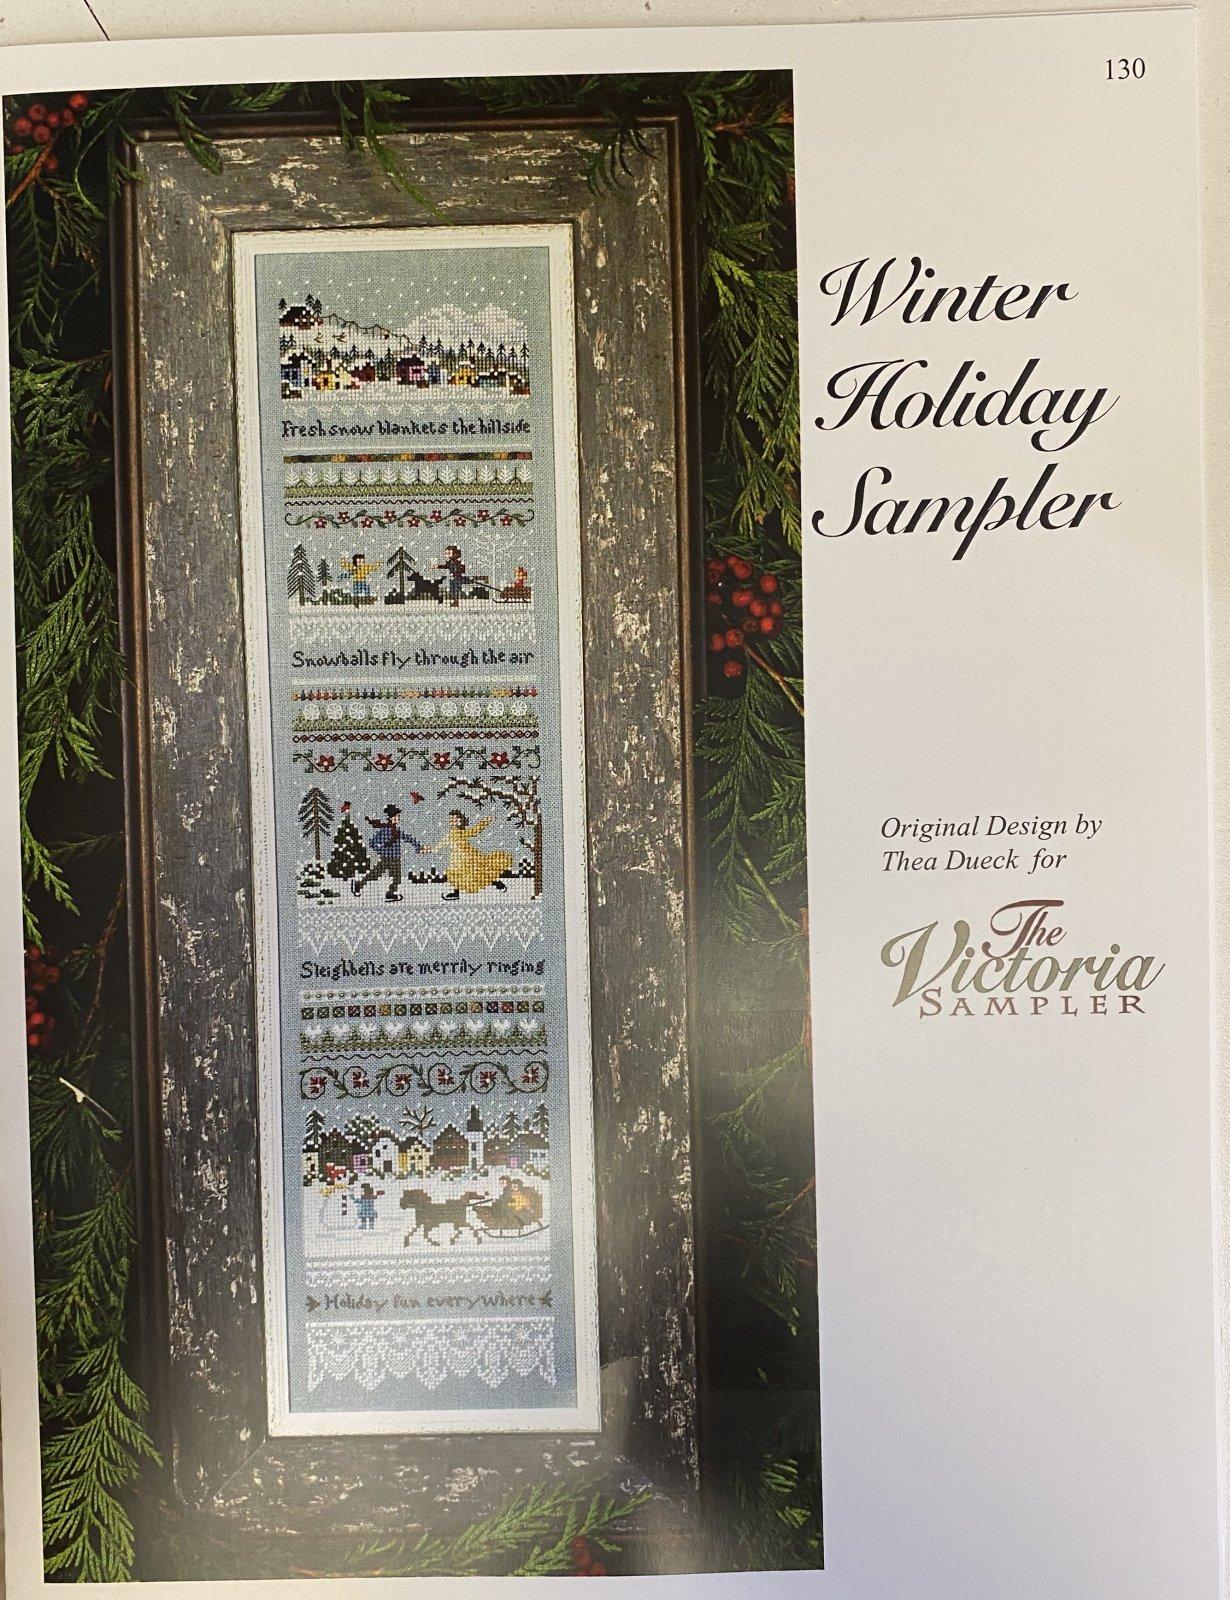 Winter Holiday Sampler 130 Victoria Samplers